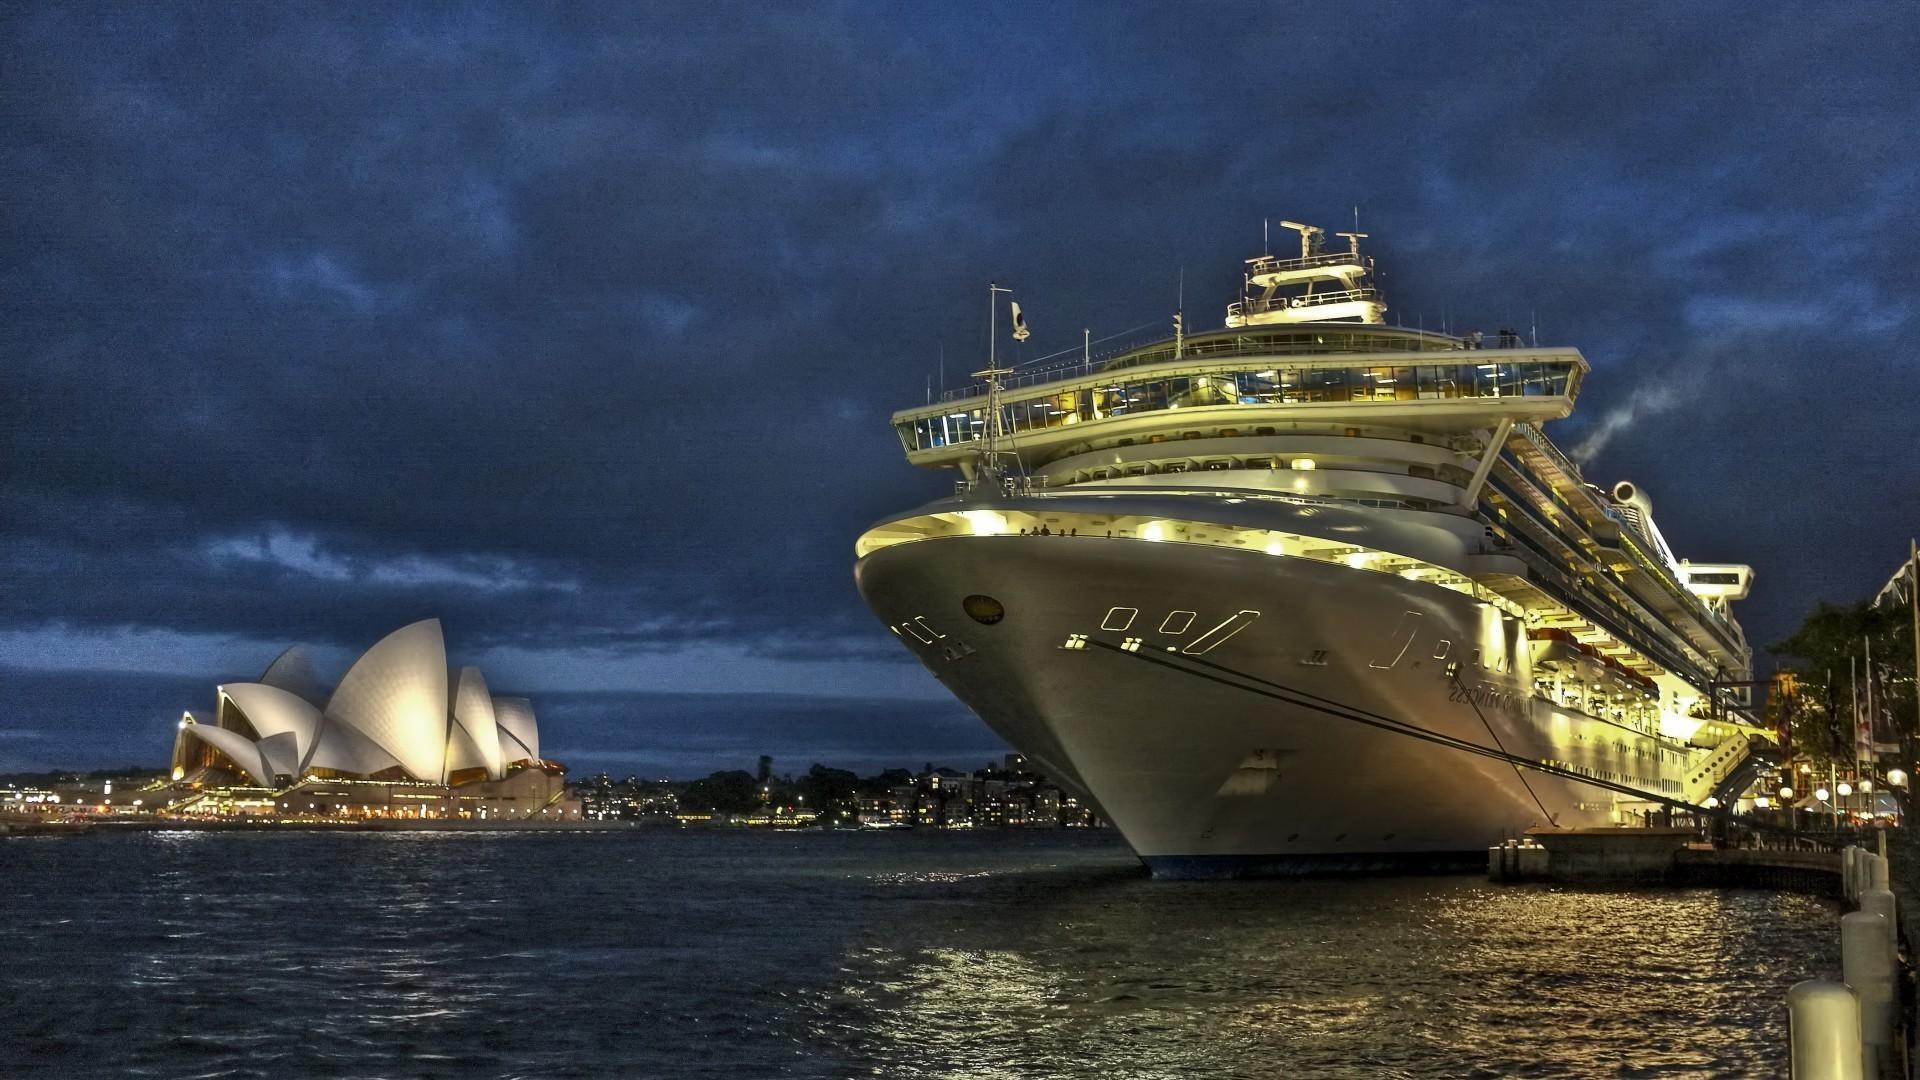 люди фотографии на рабочий стол яхты ночной порт совсем развеять сомнения